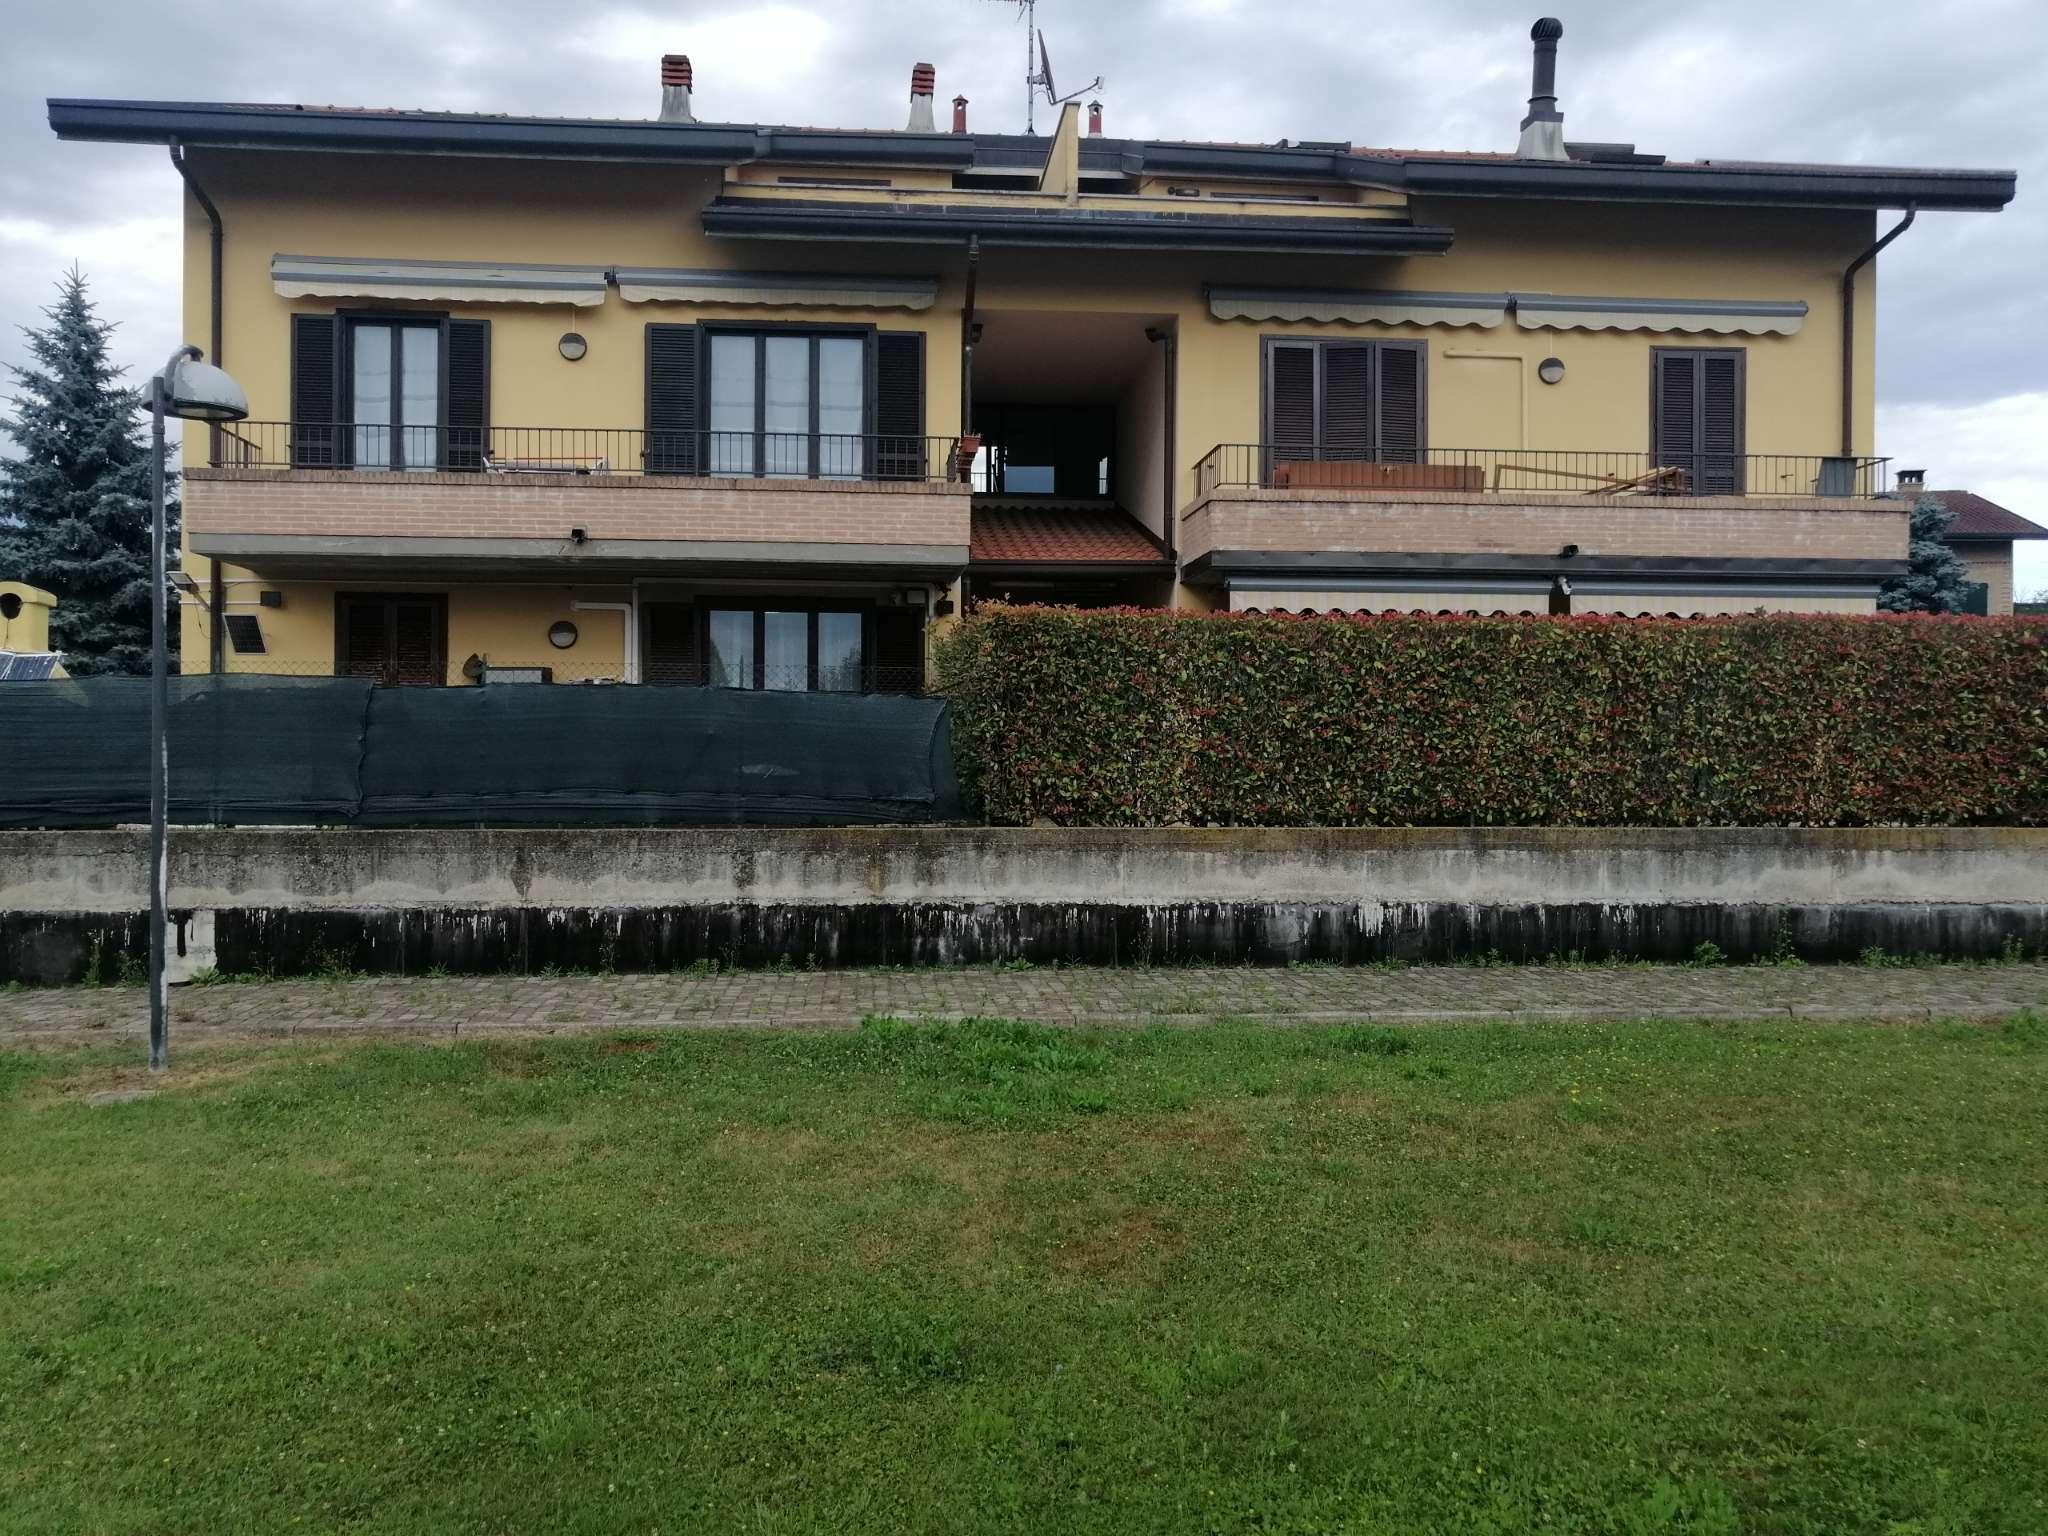 Attico / Mansarda in vendita a Senna Comasco, 3 locali, prezzo € 159.000   PortaleAgenzieImmobiliari.it